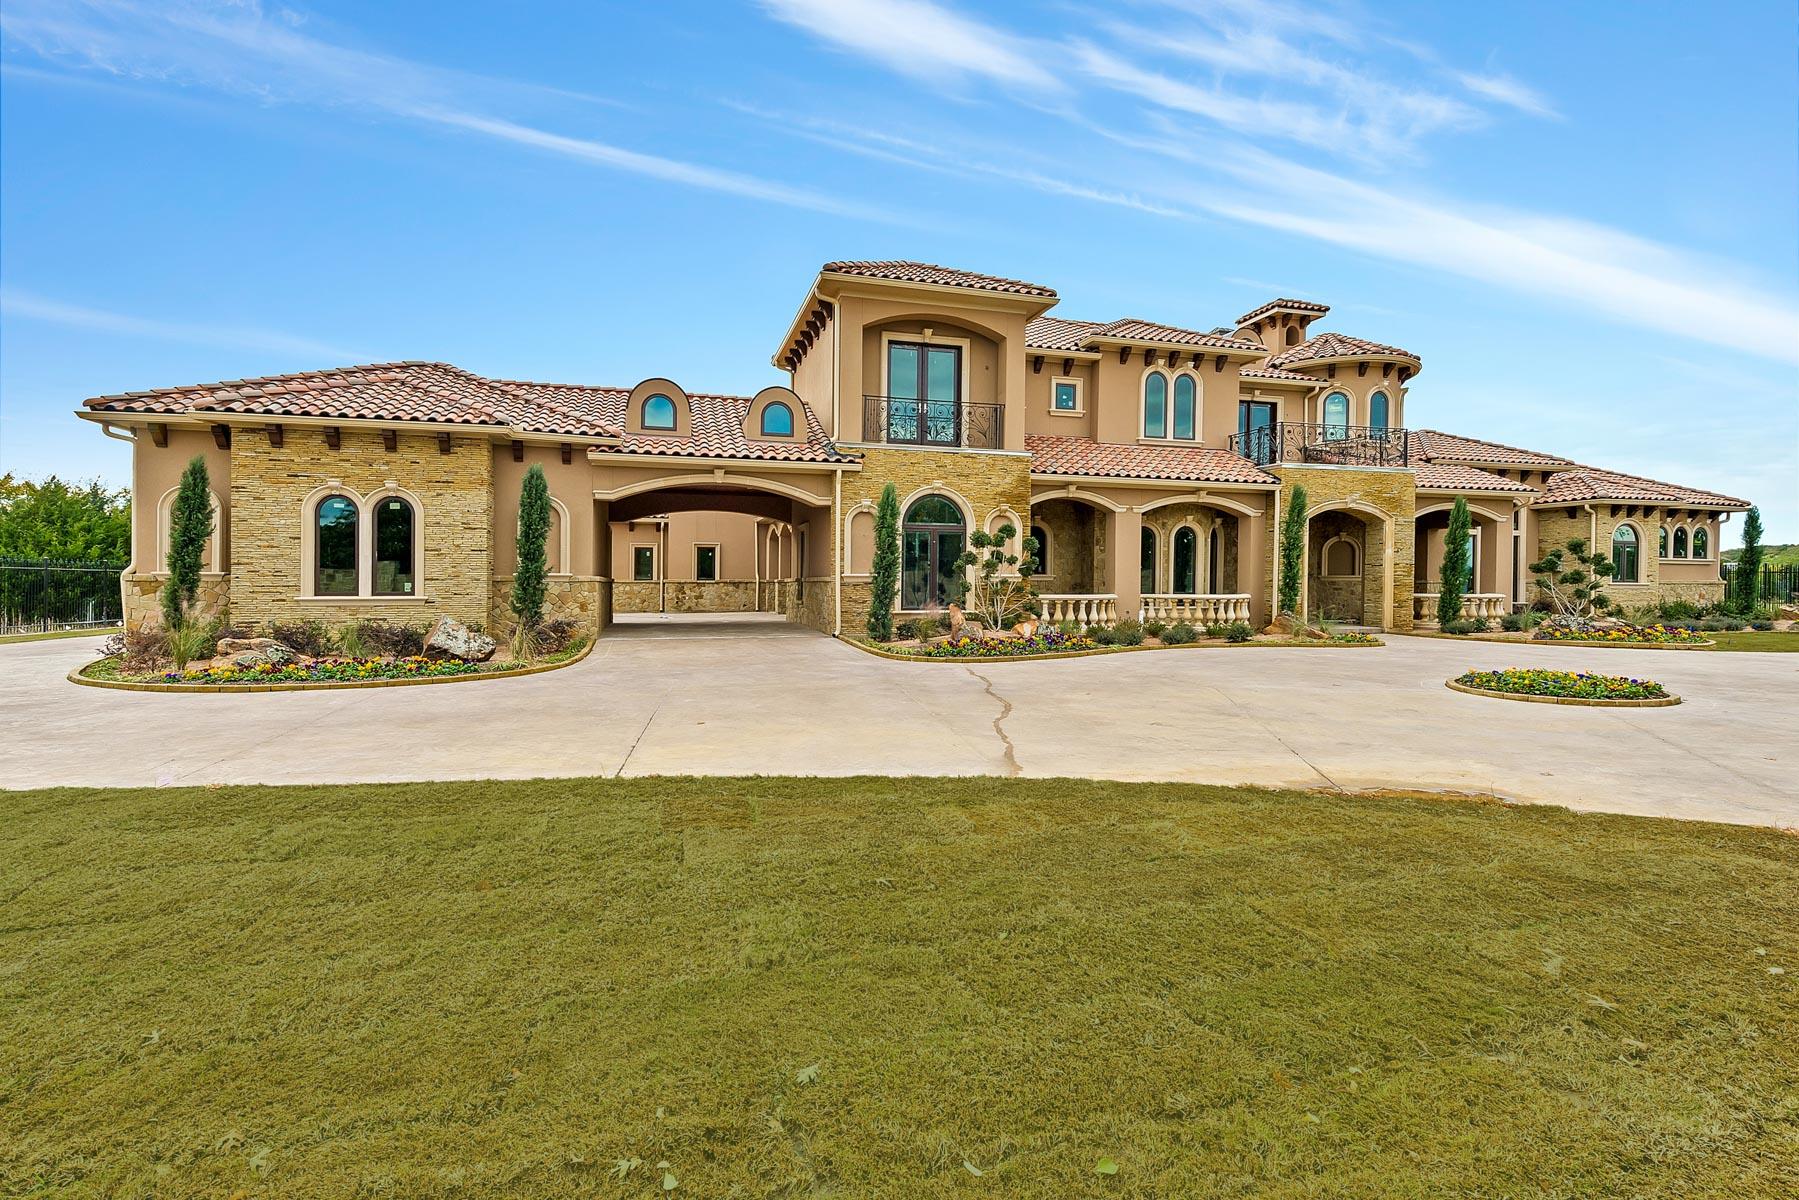 단독 가정 주택 용 매매 에 Incredible Mediterranean Estate on One Acre 3708 N. White Chapel Boulevard Southlake, 텍사스, 76092 미국